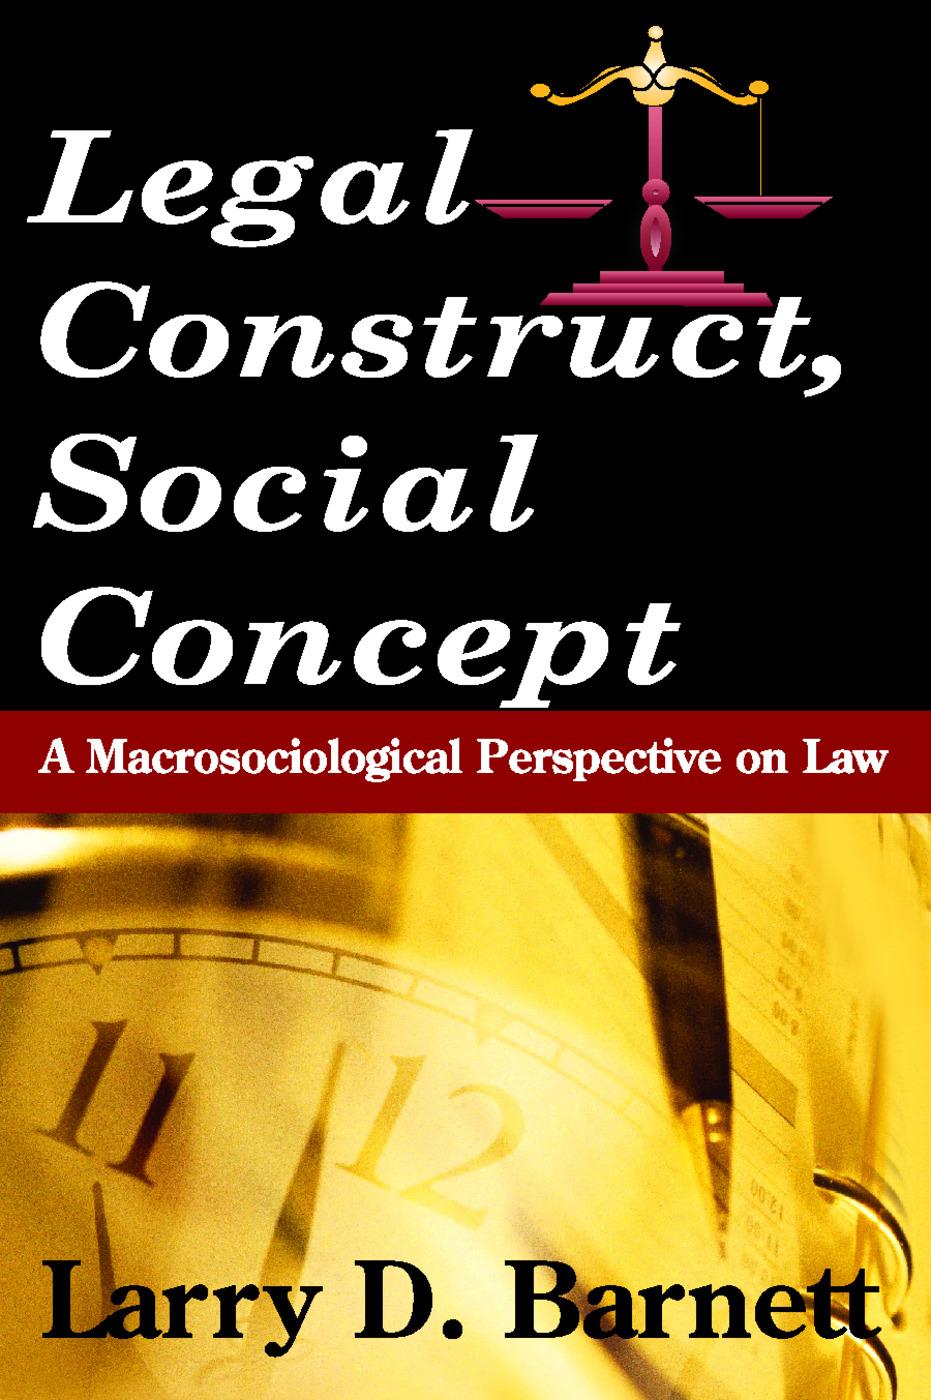 Legal Construct, Social Concept